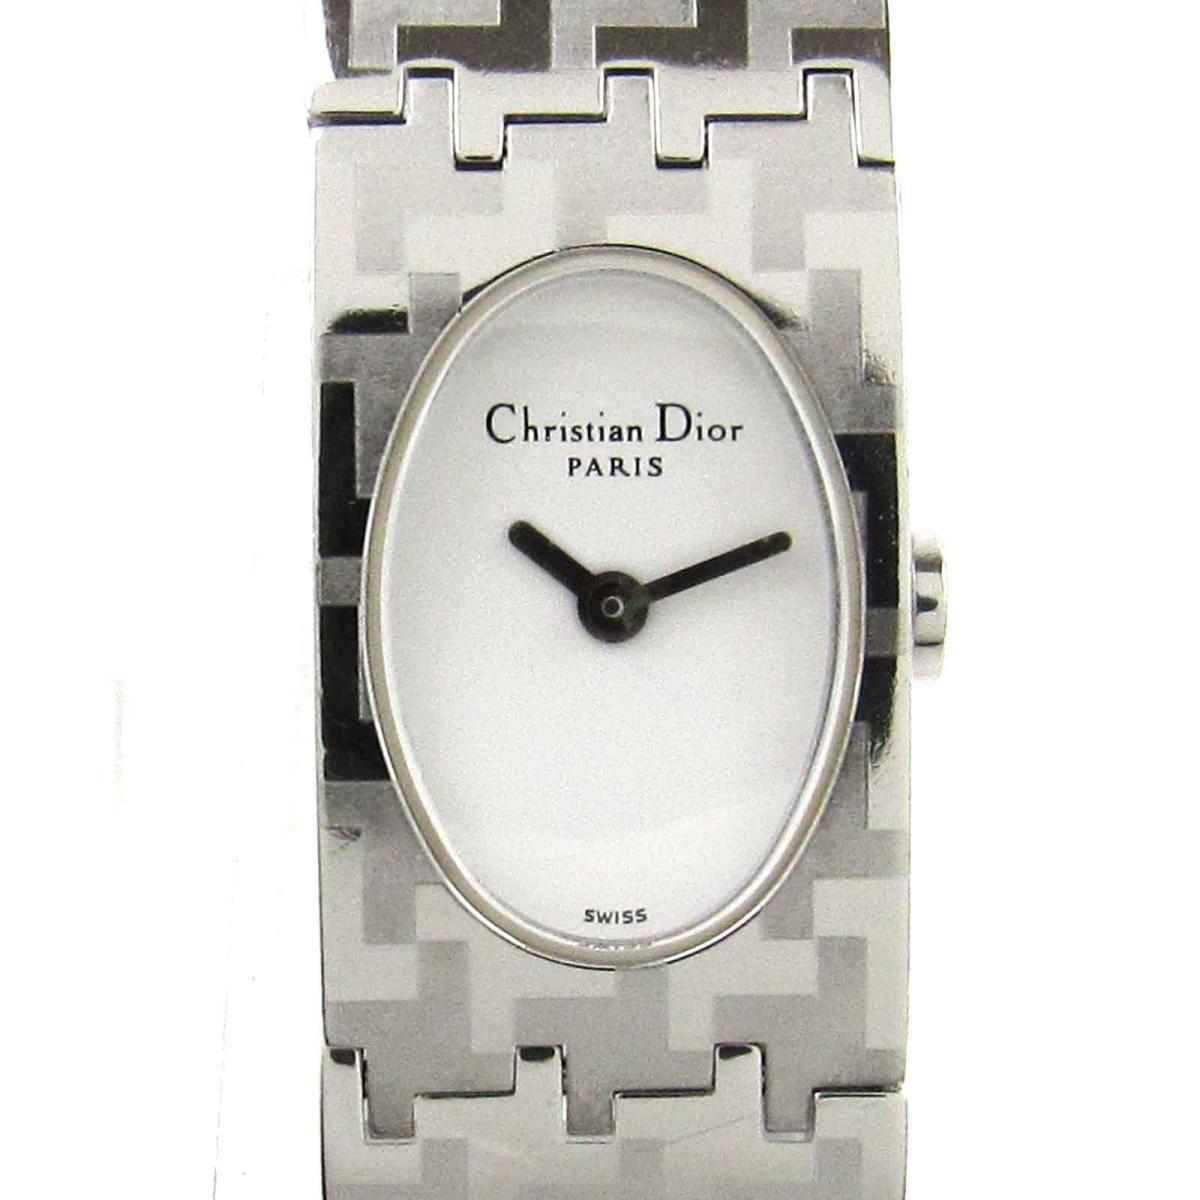 【中古】 クリスチャン・ディオール ミスディオール ウォッチ 腕時計 レディース ステンレススチール (SS) (D70-100) | Dior クオーツ クォーツ 時計 時計 美品 ブランドオフ